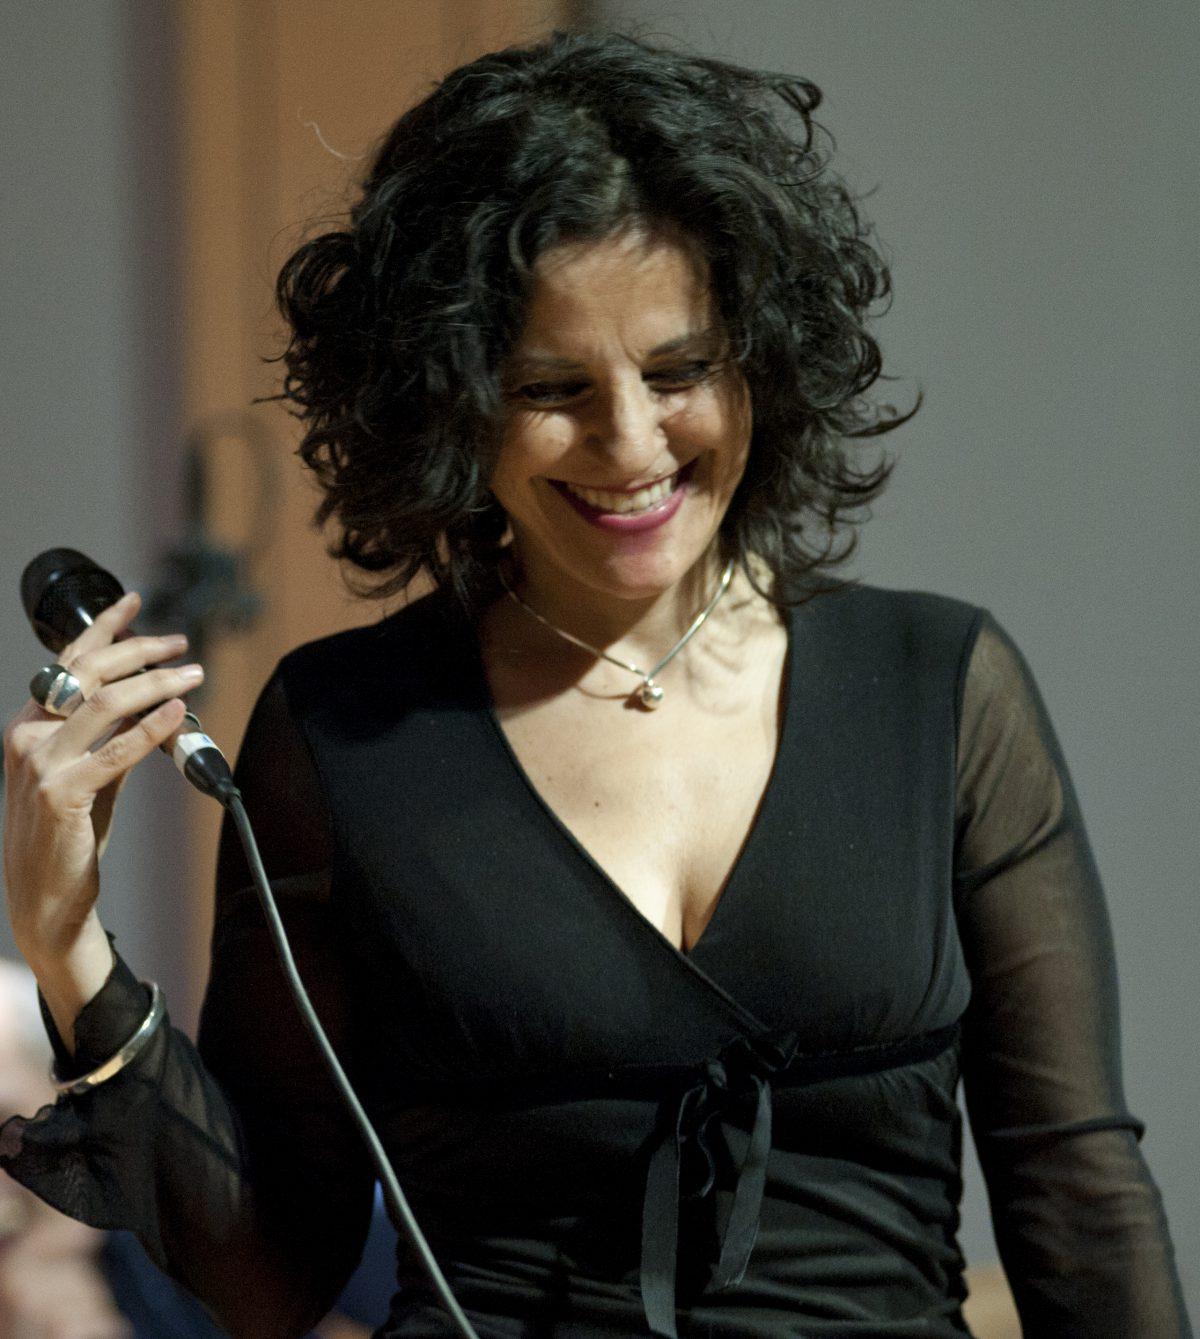 """Venerdì 9 giugno alla Casa del Jazz Susanna Stivali in concerto presenta """"Going for the unknown – Omaggio a Wayne Shorter"""""""